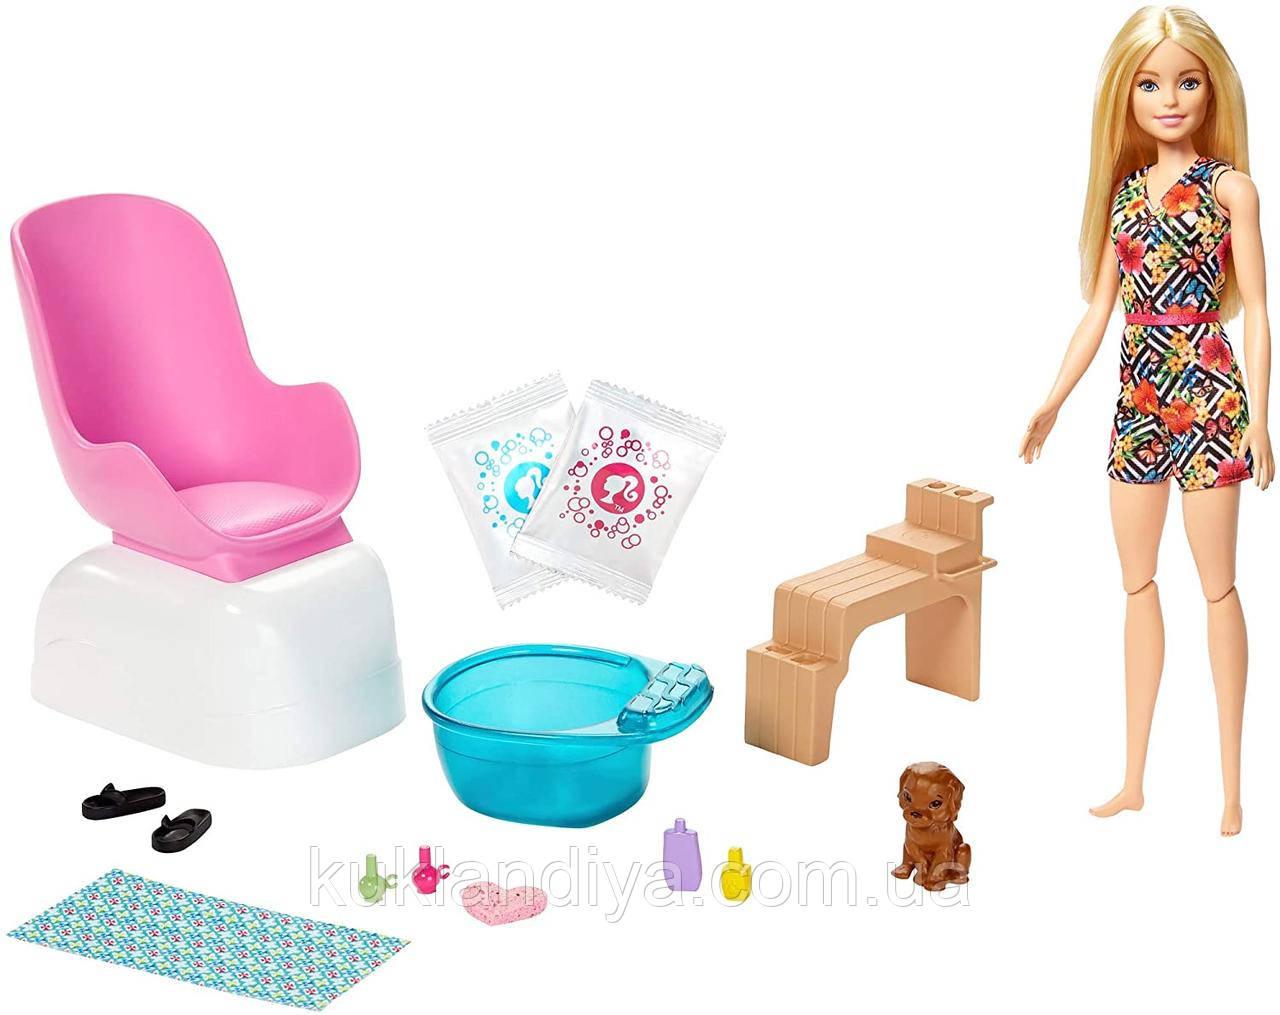 Барби набор Салон маникюр и педикюр Barbie Mani-Pedi Spa